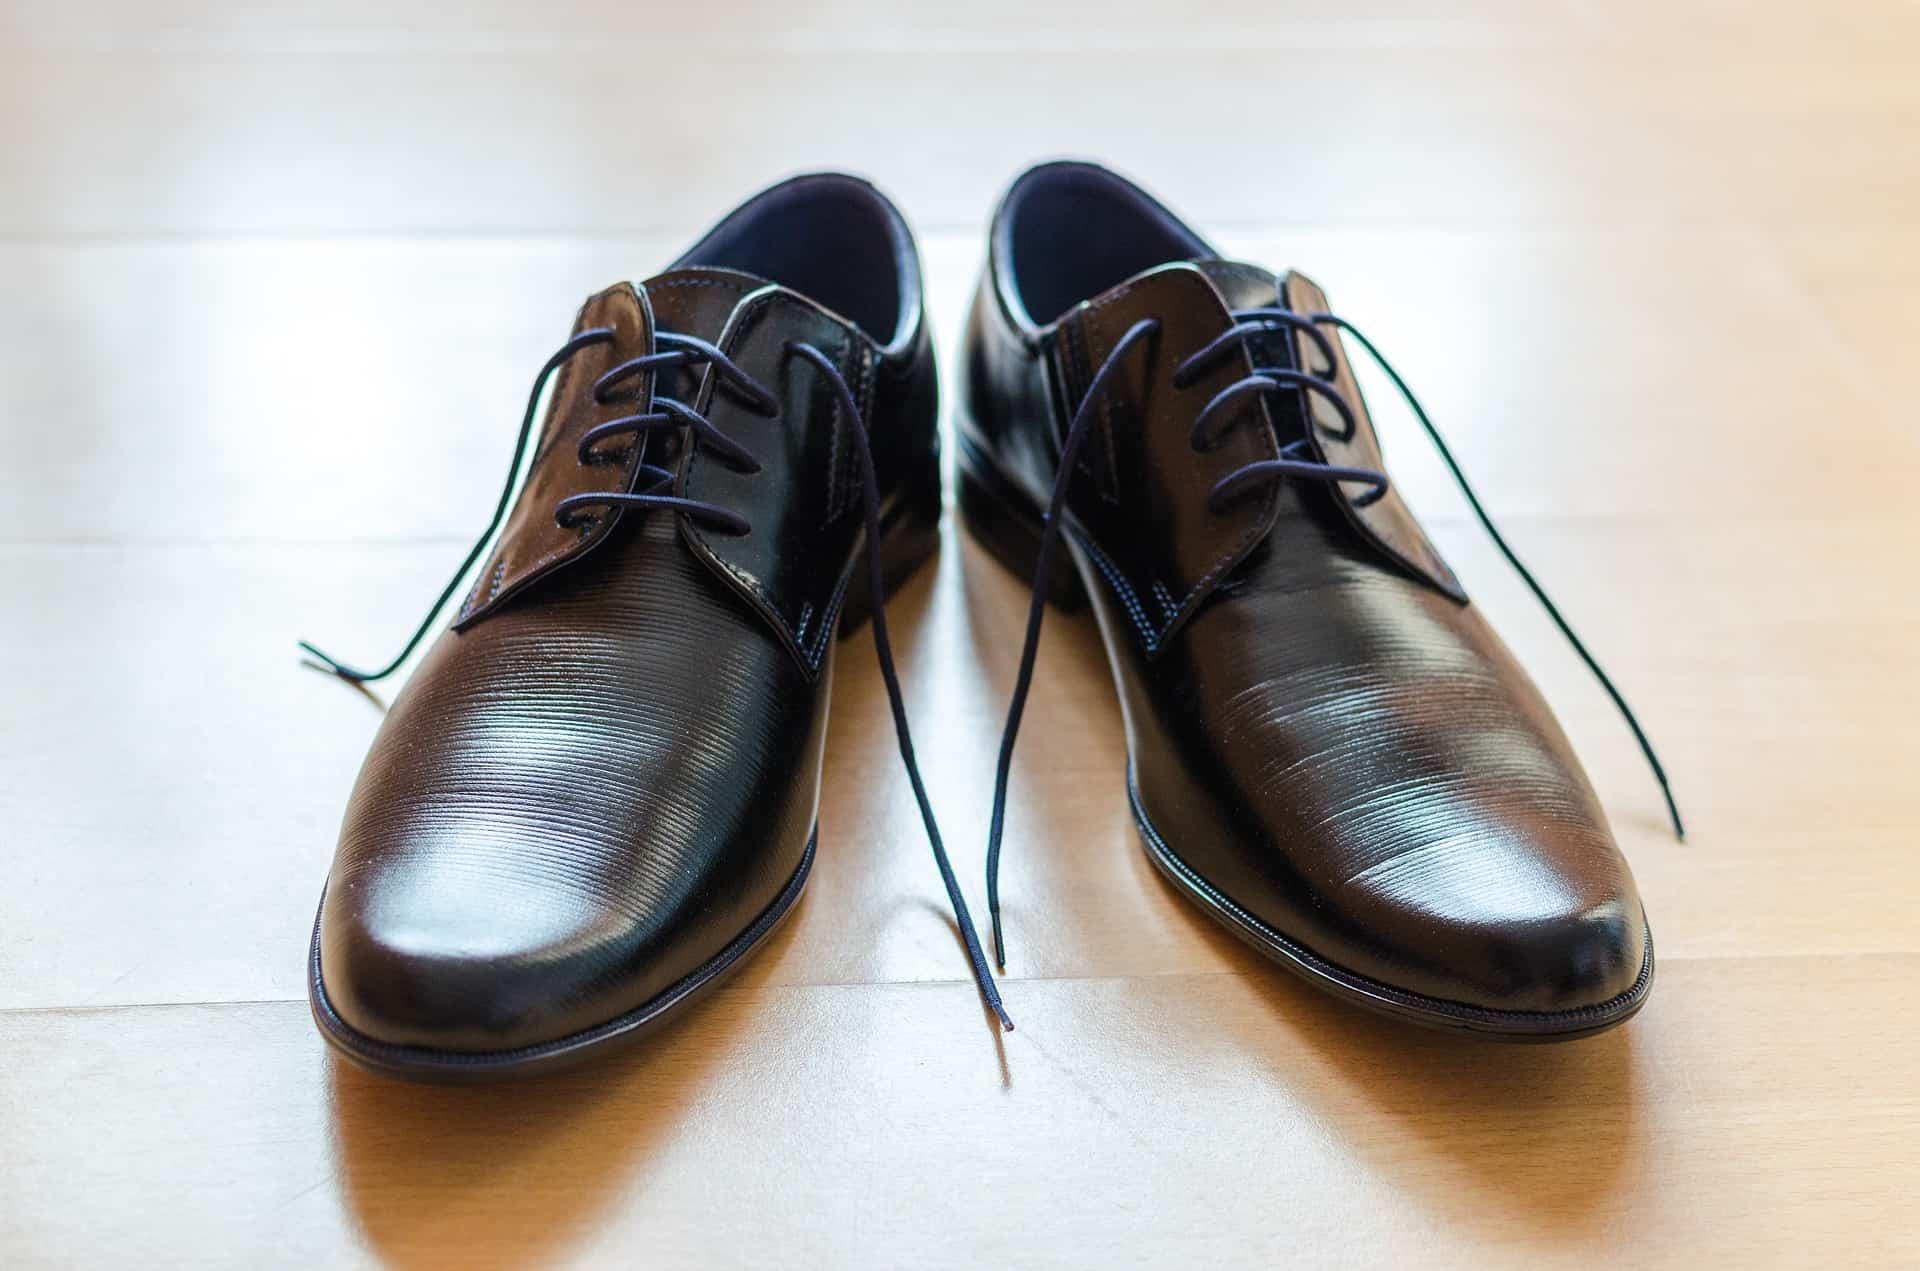 best service 2ab57 4cec6 Vuoi importare scarpe dalla Cina di qualità? Ecco cosa puoi ...